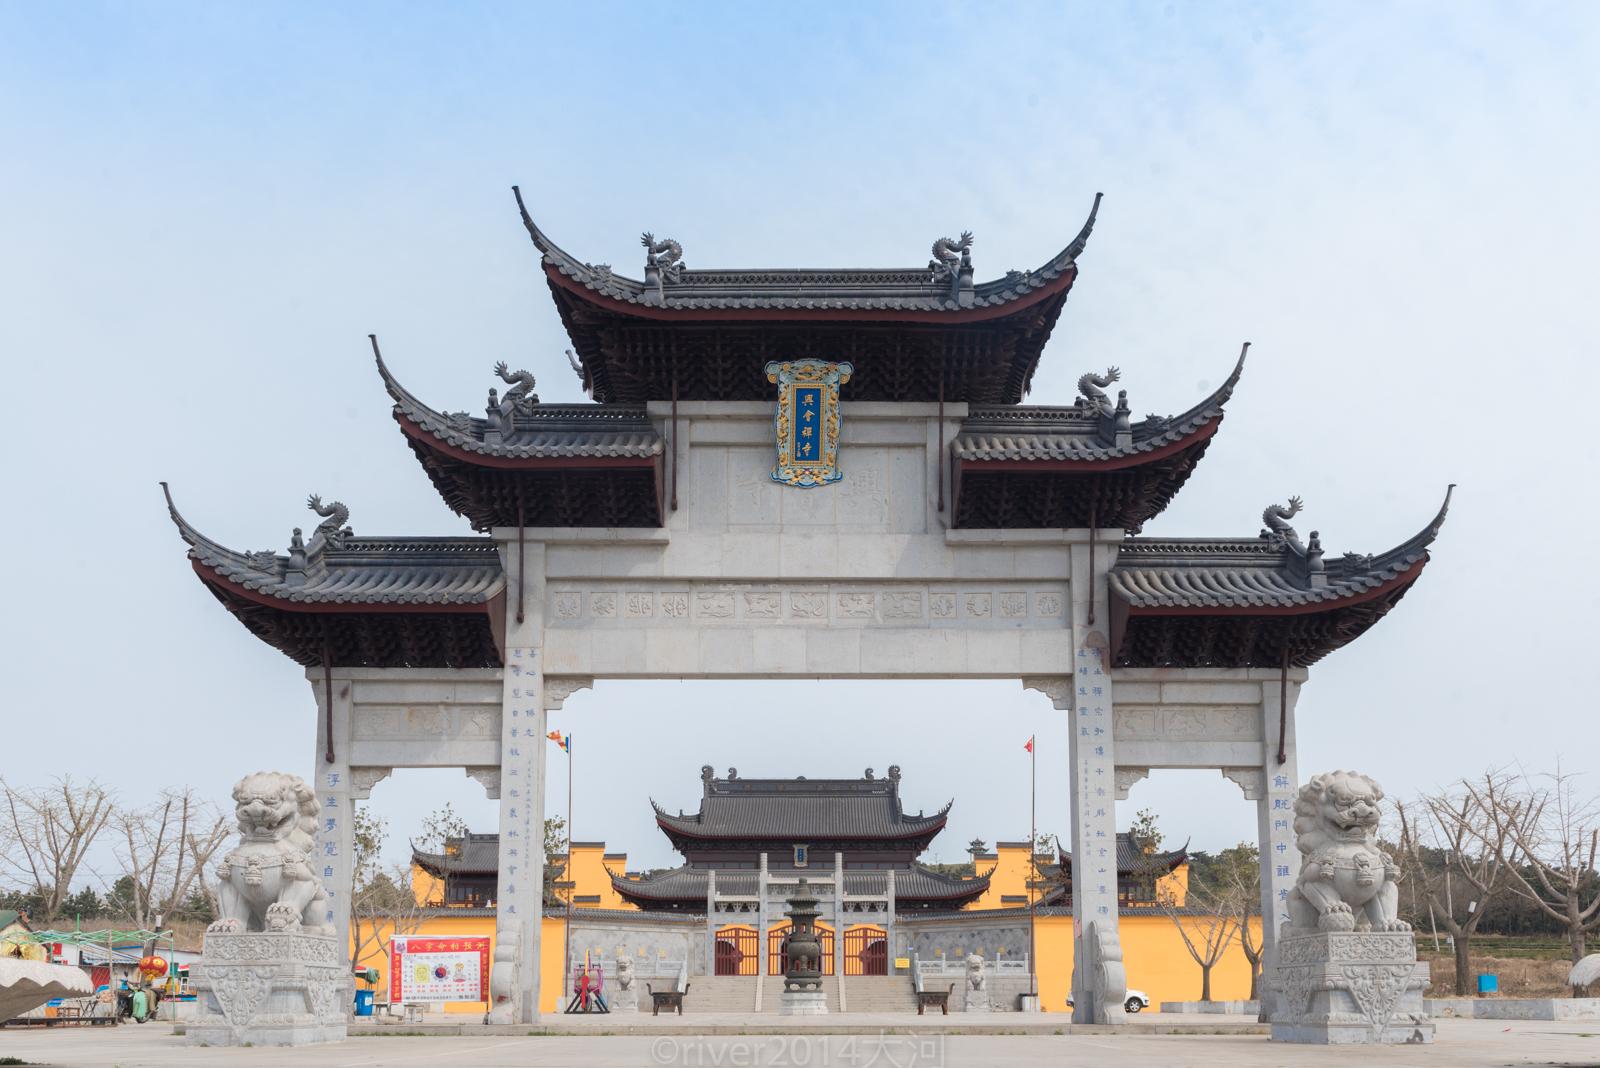 在江苏连云港赣榆有一个徐福村,传说这里是徐福故里,当地建起了徐福庙